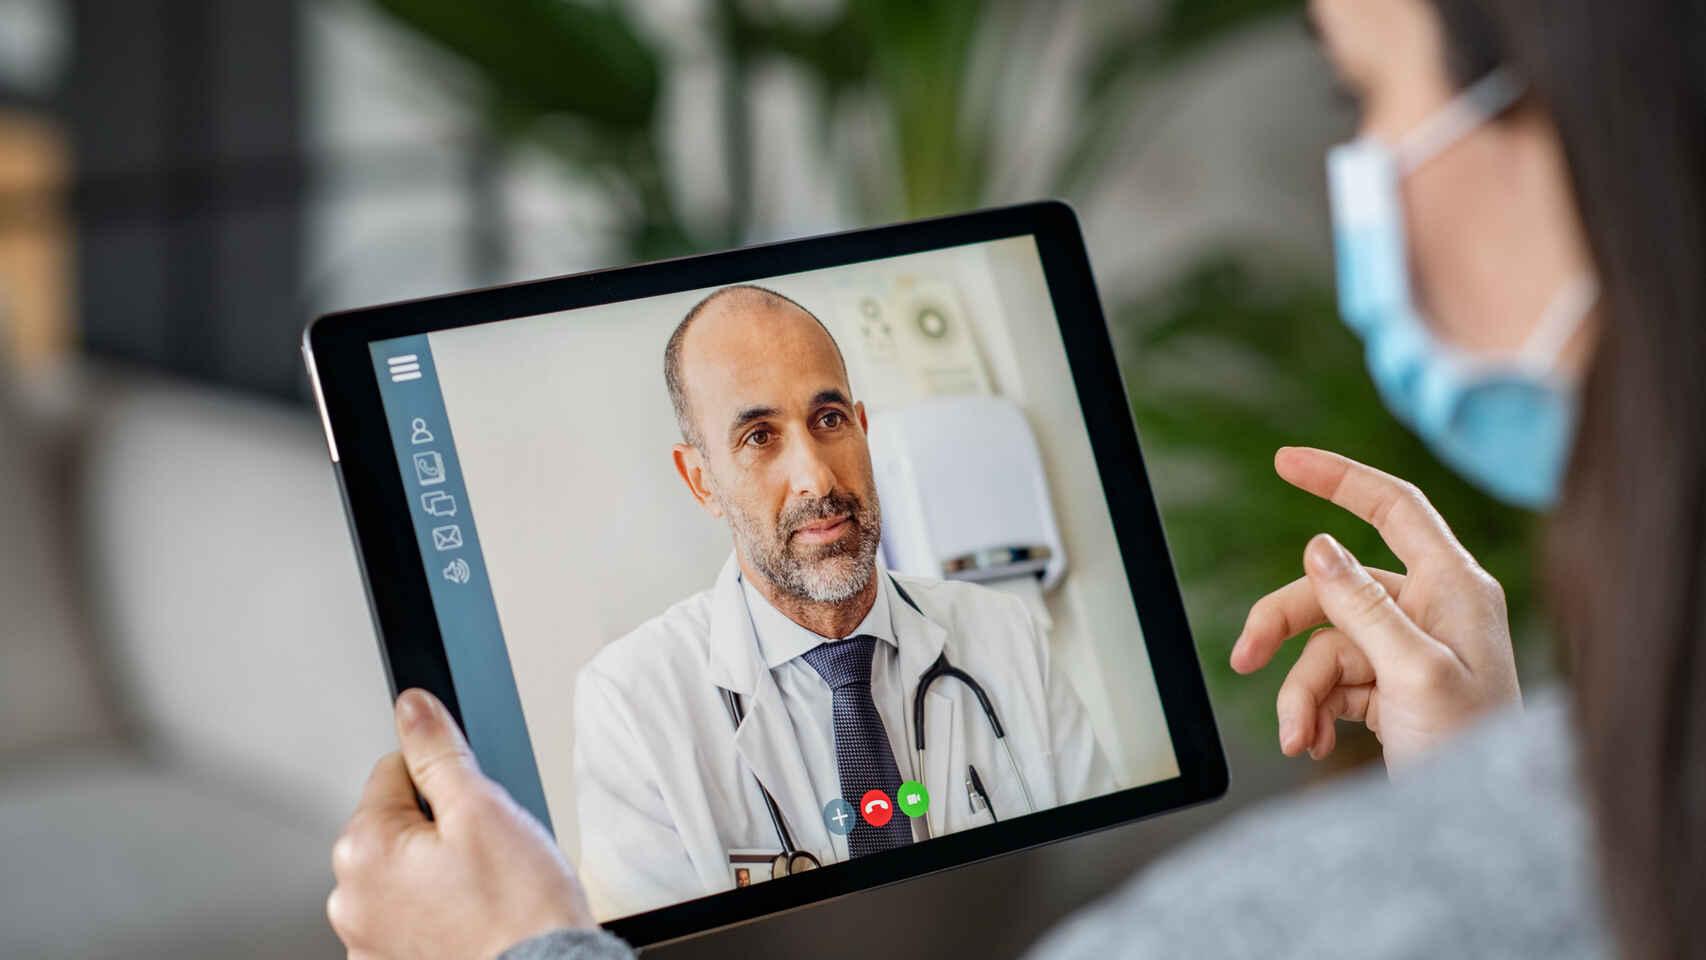 La salud digital, la clave asistencial en la nueva normalidad